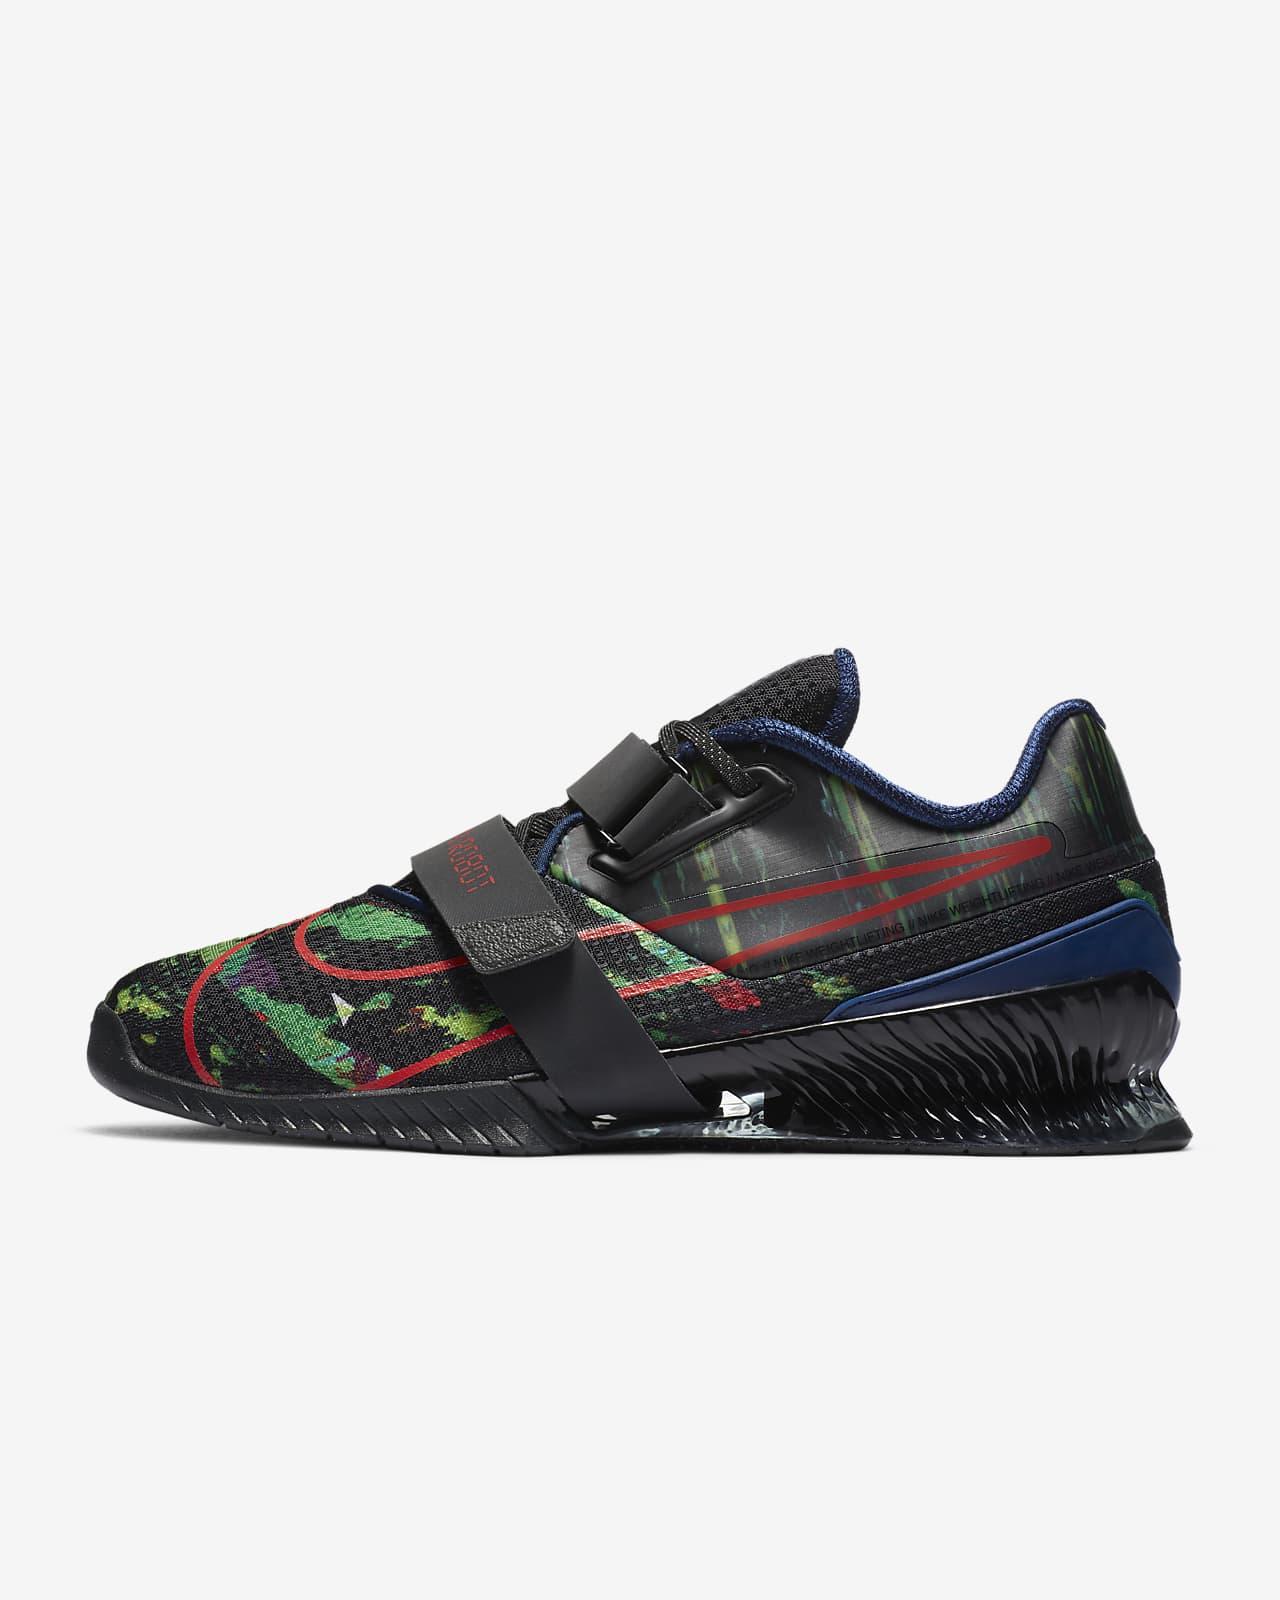 Nike Romaleos 4 AMP Training Shoe